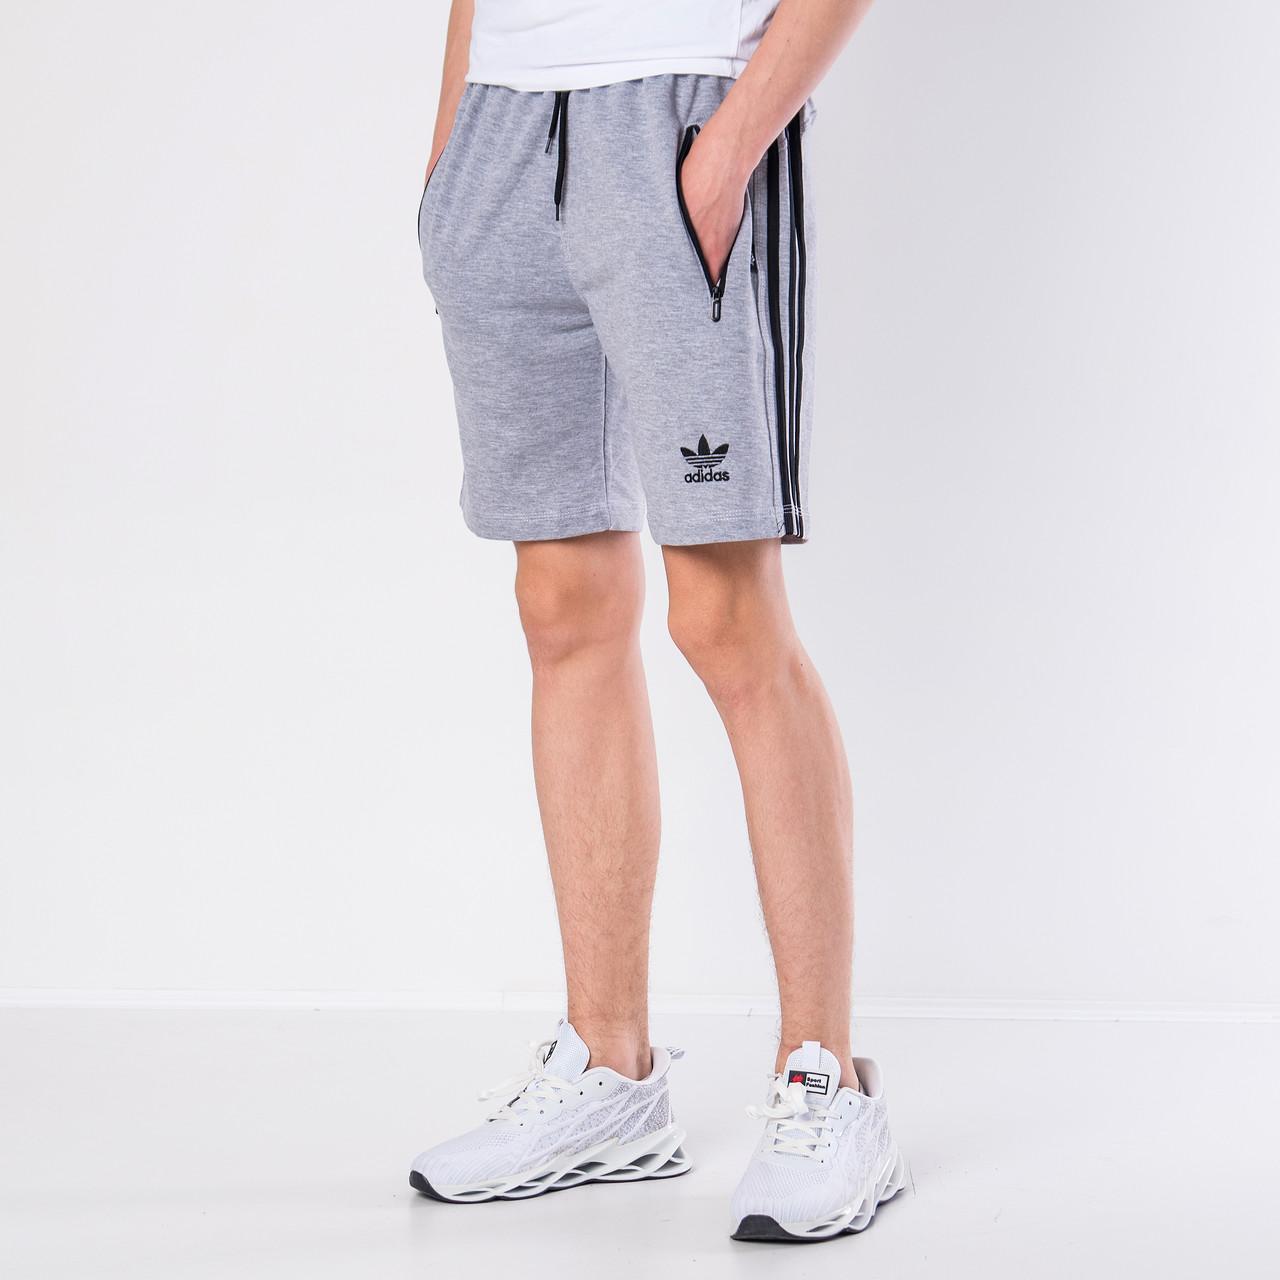 Мужские трикотажные шорты Adidas, серого цвета с черными полосками.